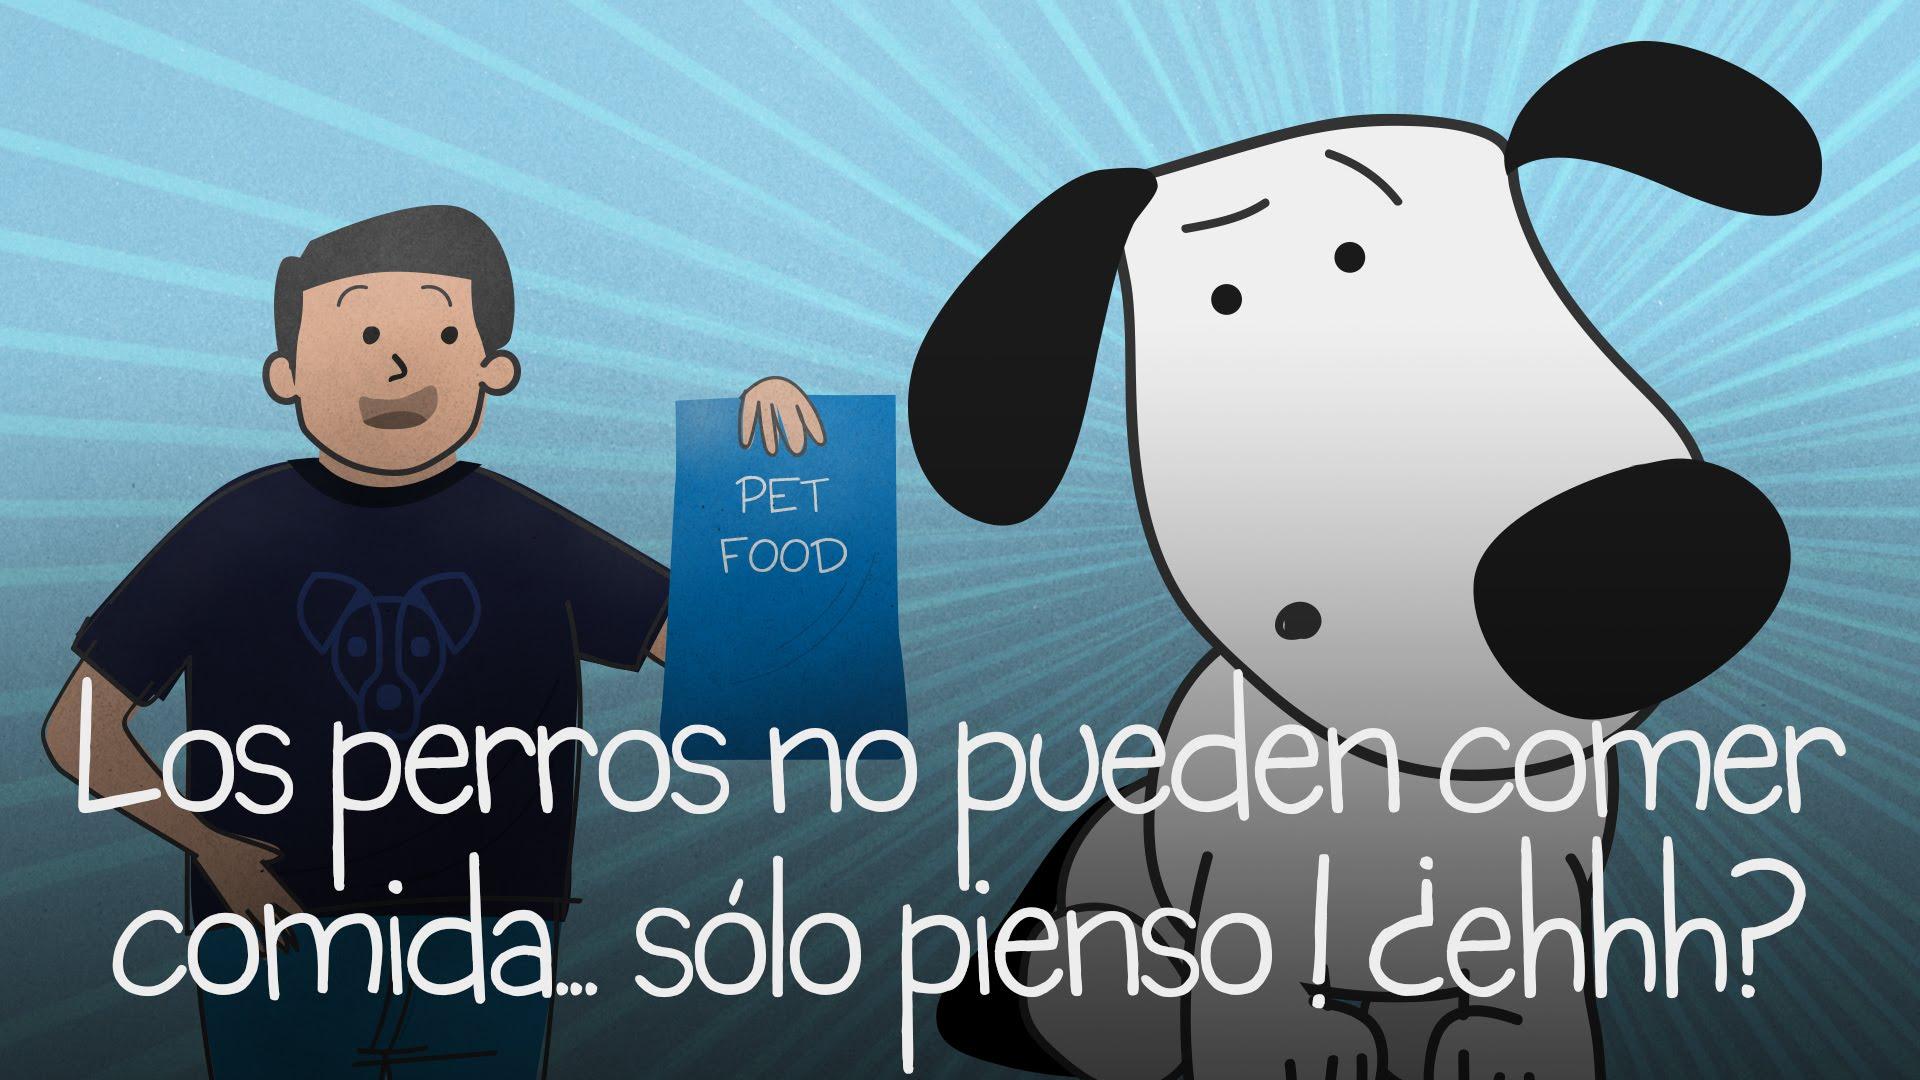 Los perros no pueden comer comida... sólo pienso ! ¿ehhh?